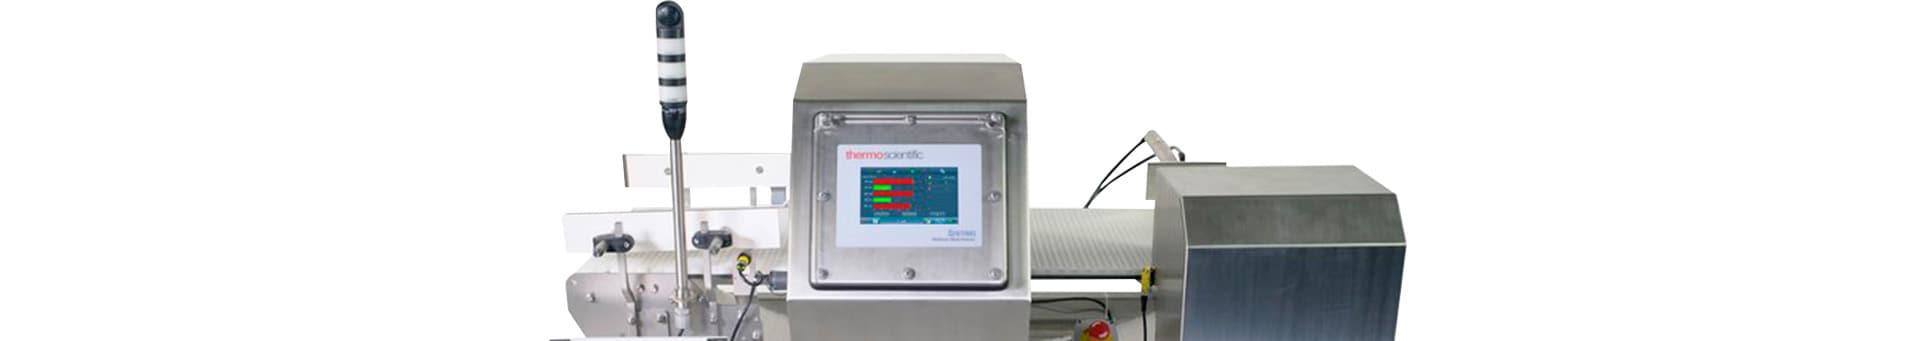 Metal Detector_machine4